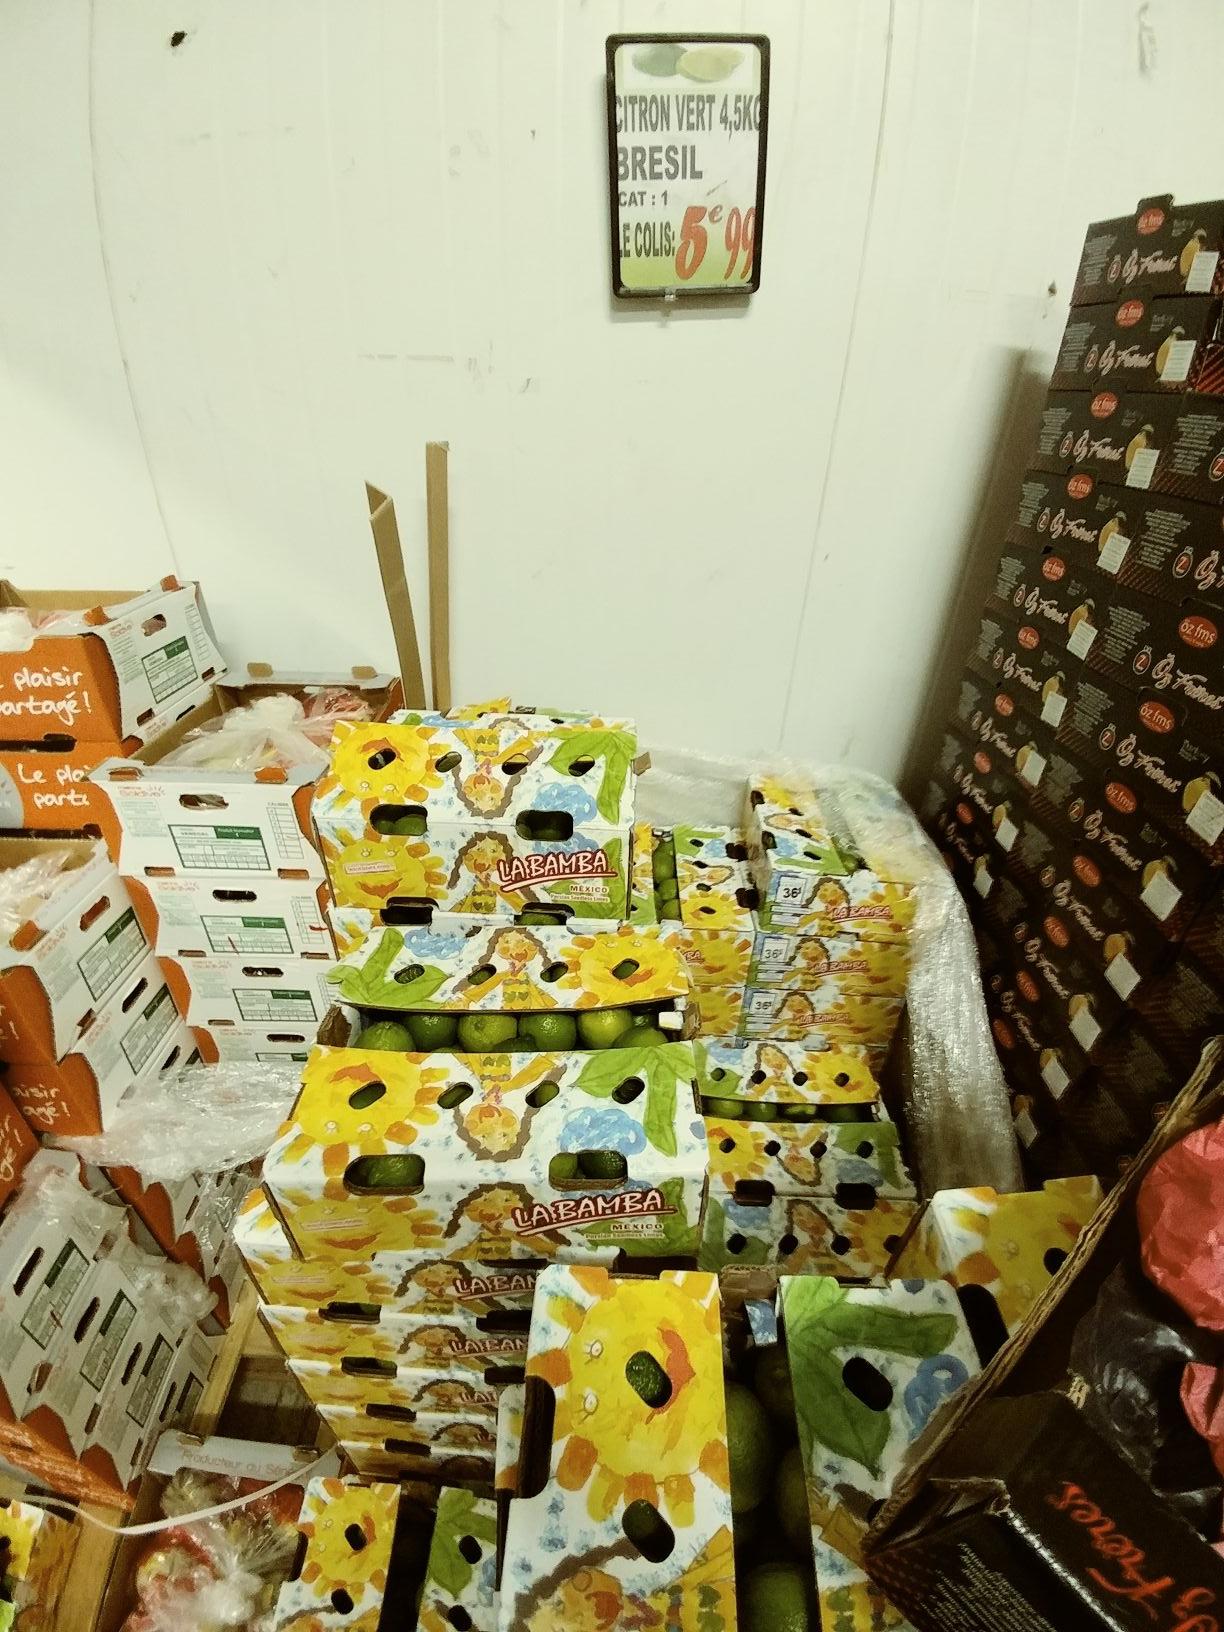 Citron vert Origine Brésil (4.5 kg) - H Market Pontault-Combault (77)